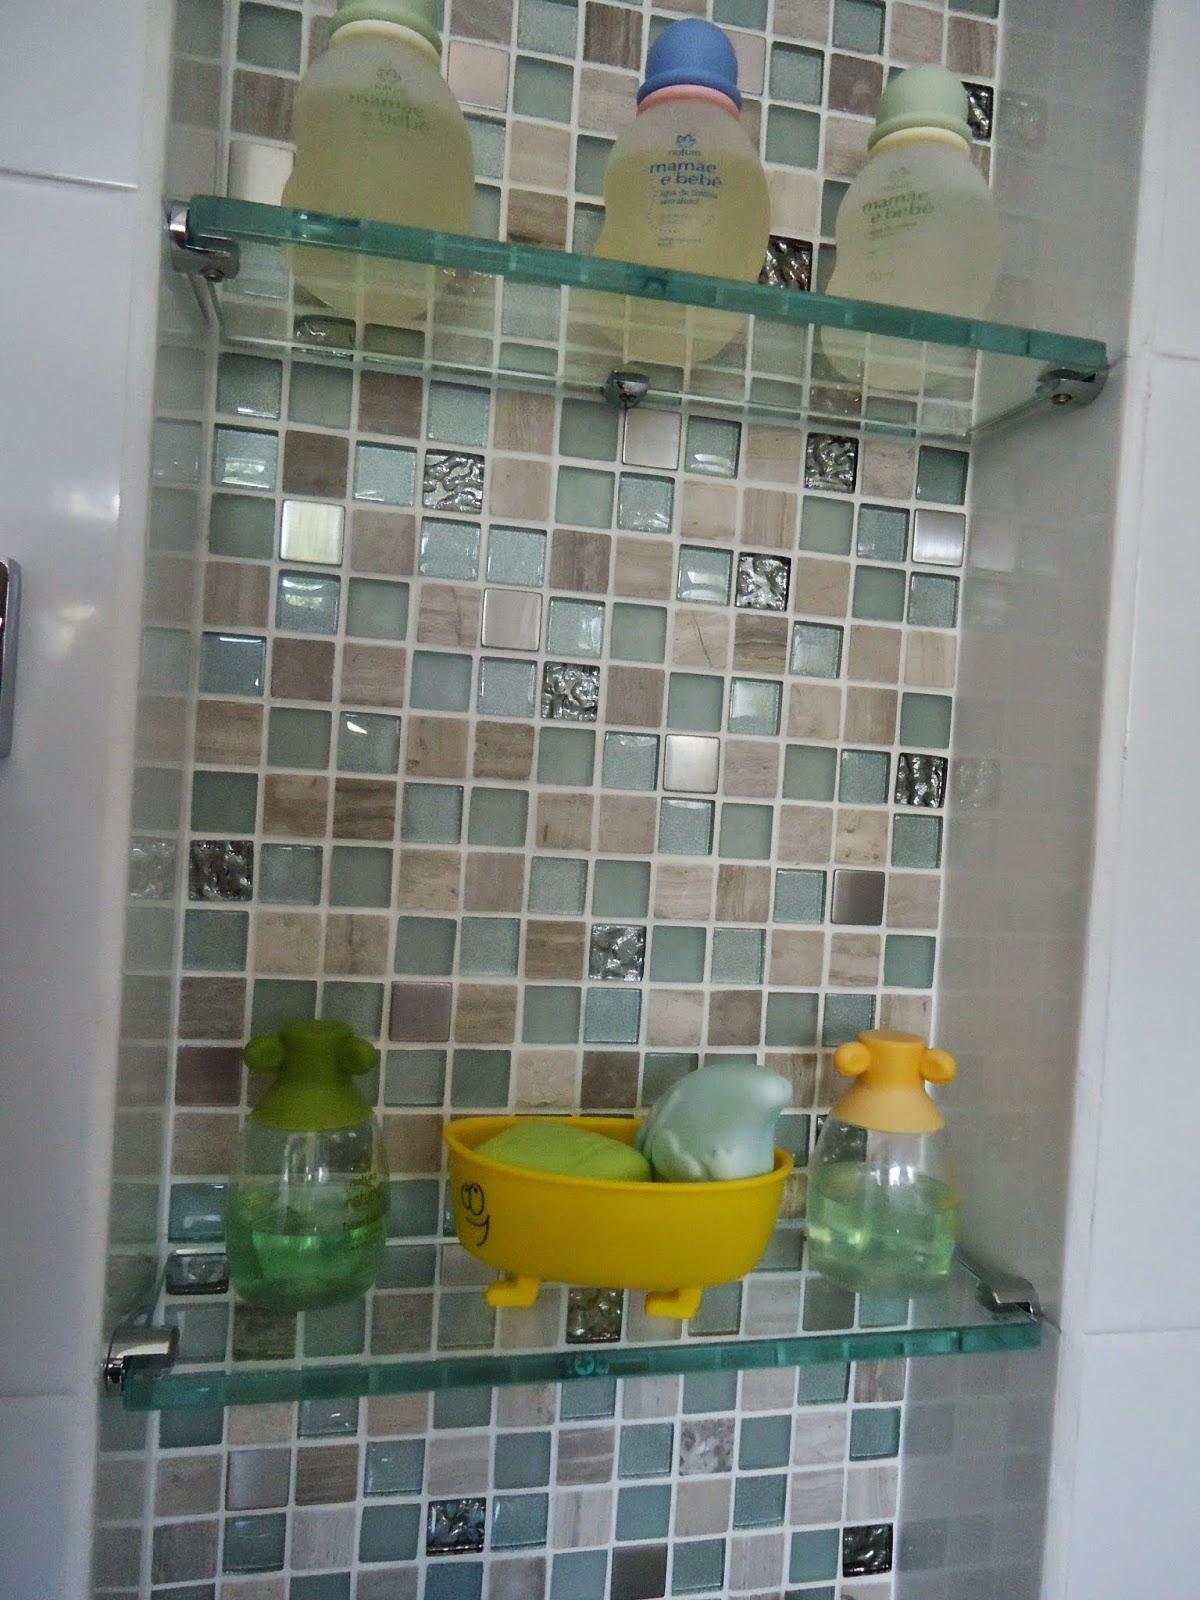 Nichos e pastilhas de vidro em banheiro infantil #766D33 1200 1600